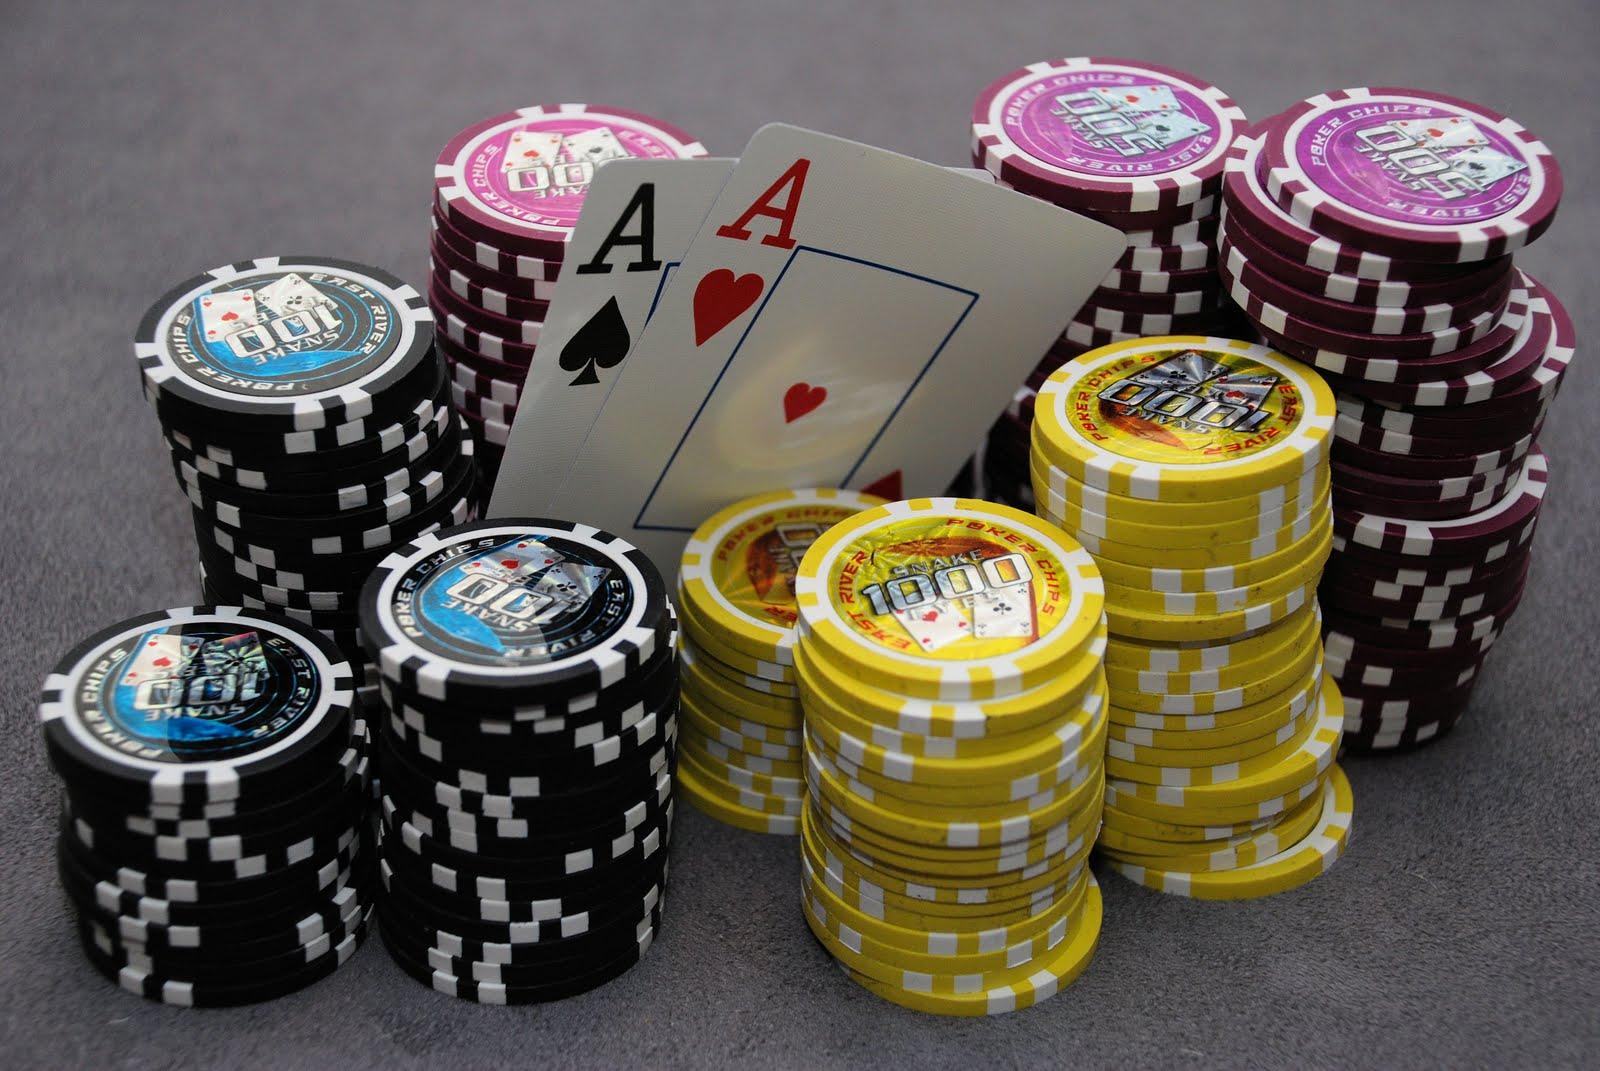 http://1.bp.blogspot.com/-ZRsViL8n4ts/Tfa9G0BRqVI/AAAAAAAAAIM/5QVSj2-I10w/s1600/poker_2.jpg